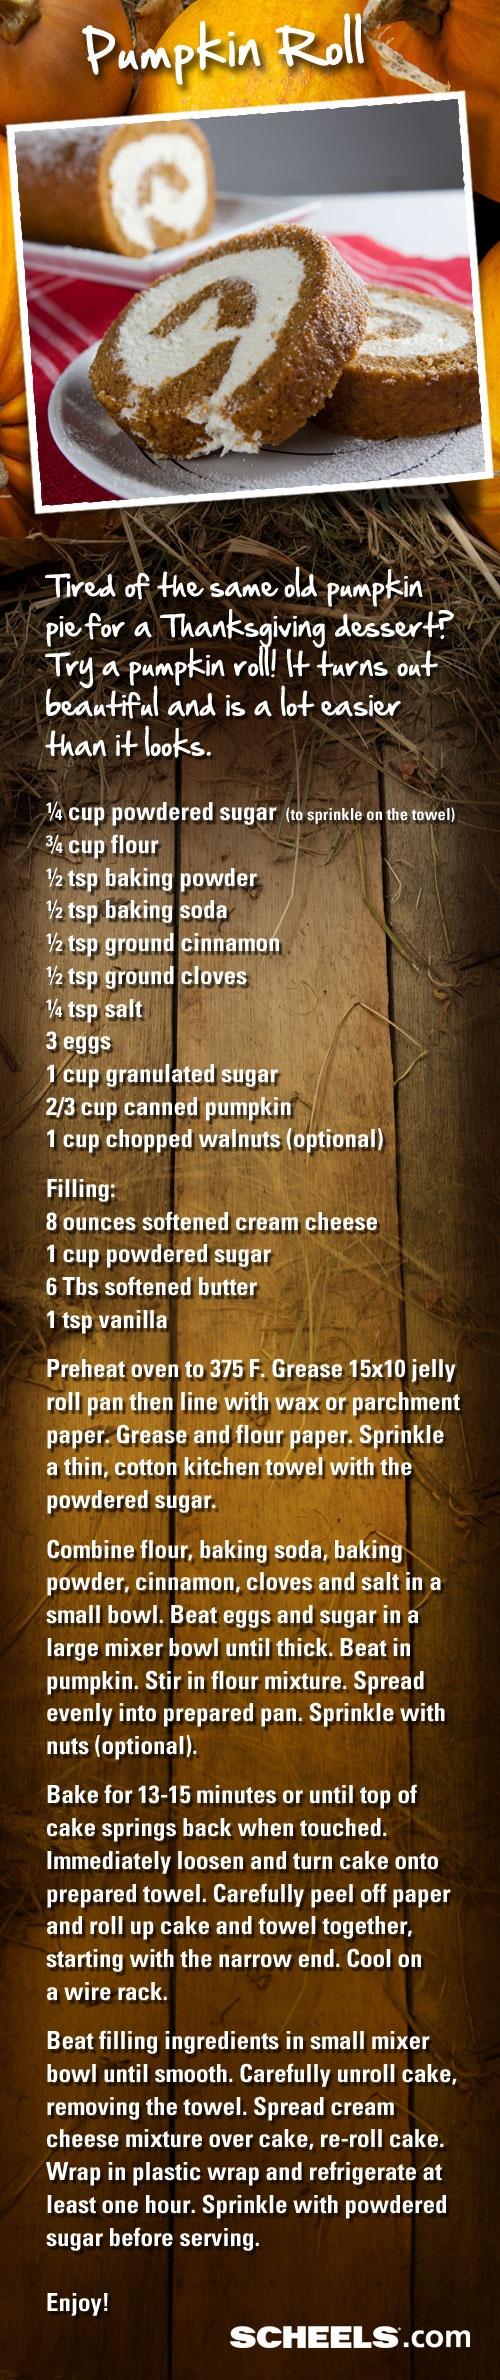 Pumpkin fans: Bring this fun, tasty dessert to your Thanksgiving dinner: Pumpkin Roll. // Recipe from #Scheels Gramma Ginna's Deli #recipe #pumpkin